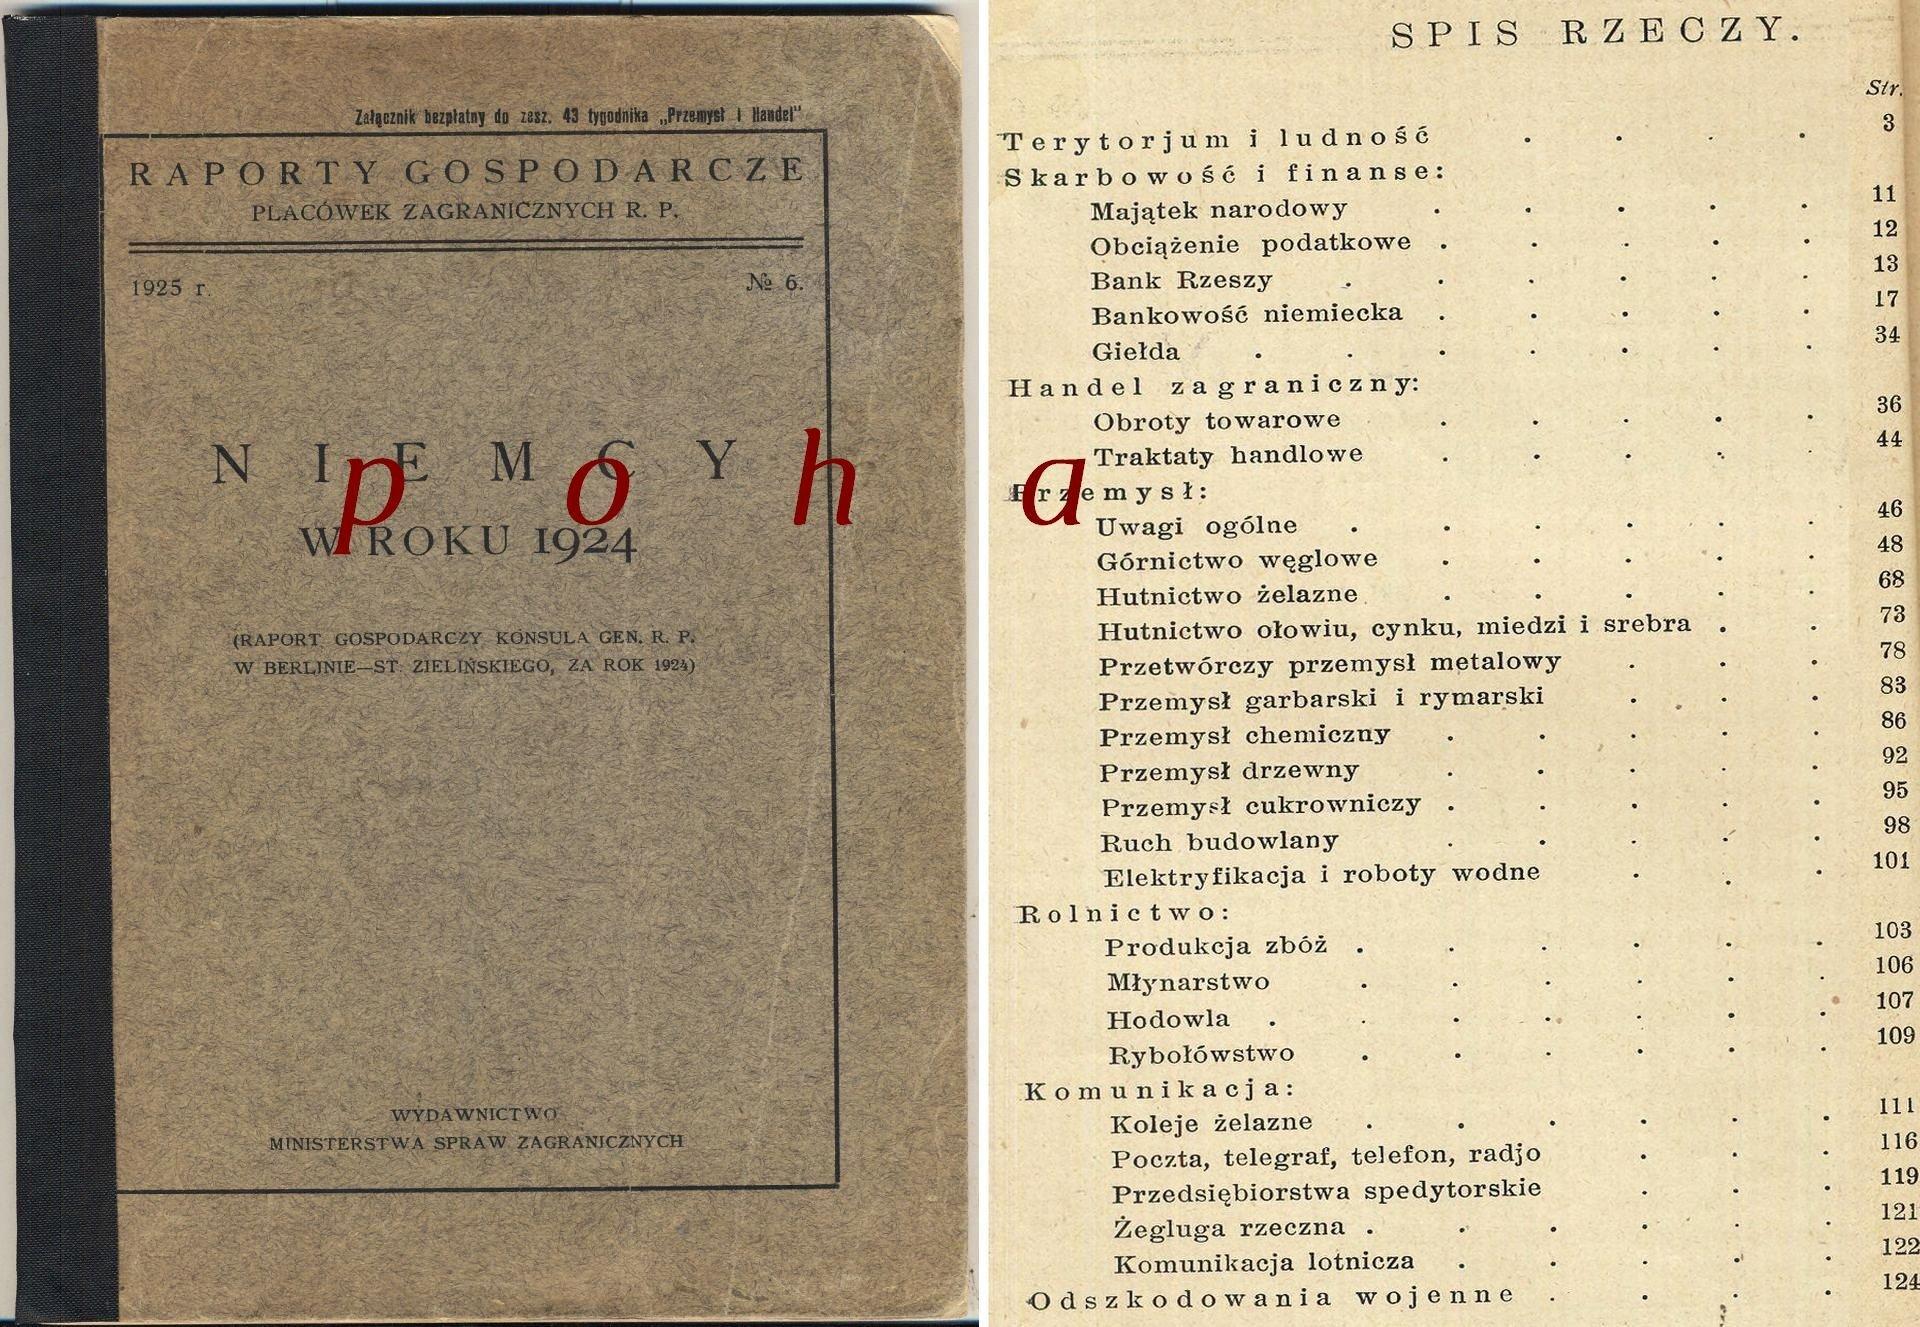 Raporty gospodarcze Placówek RP 1924 Zieliński